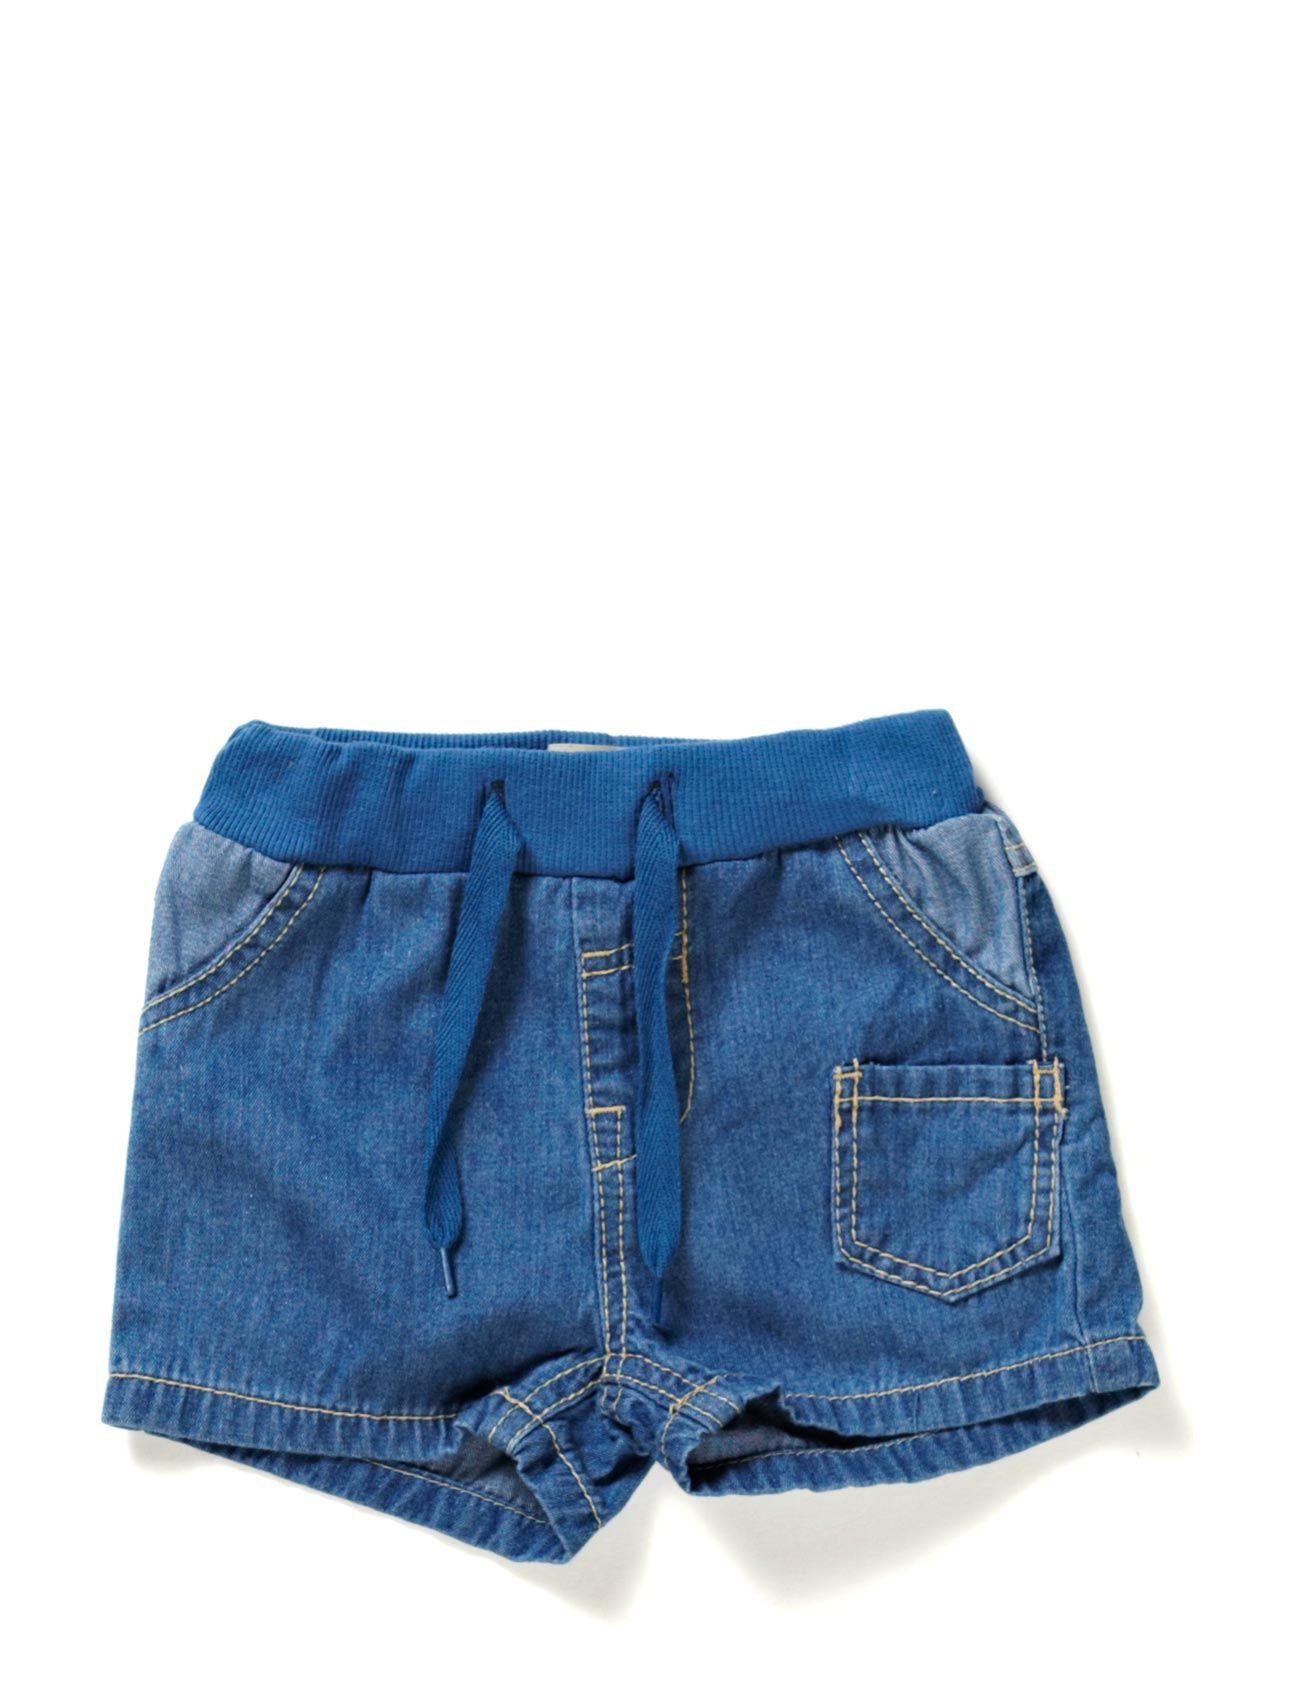 Ingvar So Nb Denim Shorts S 214